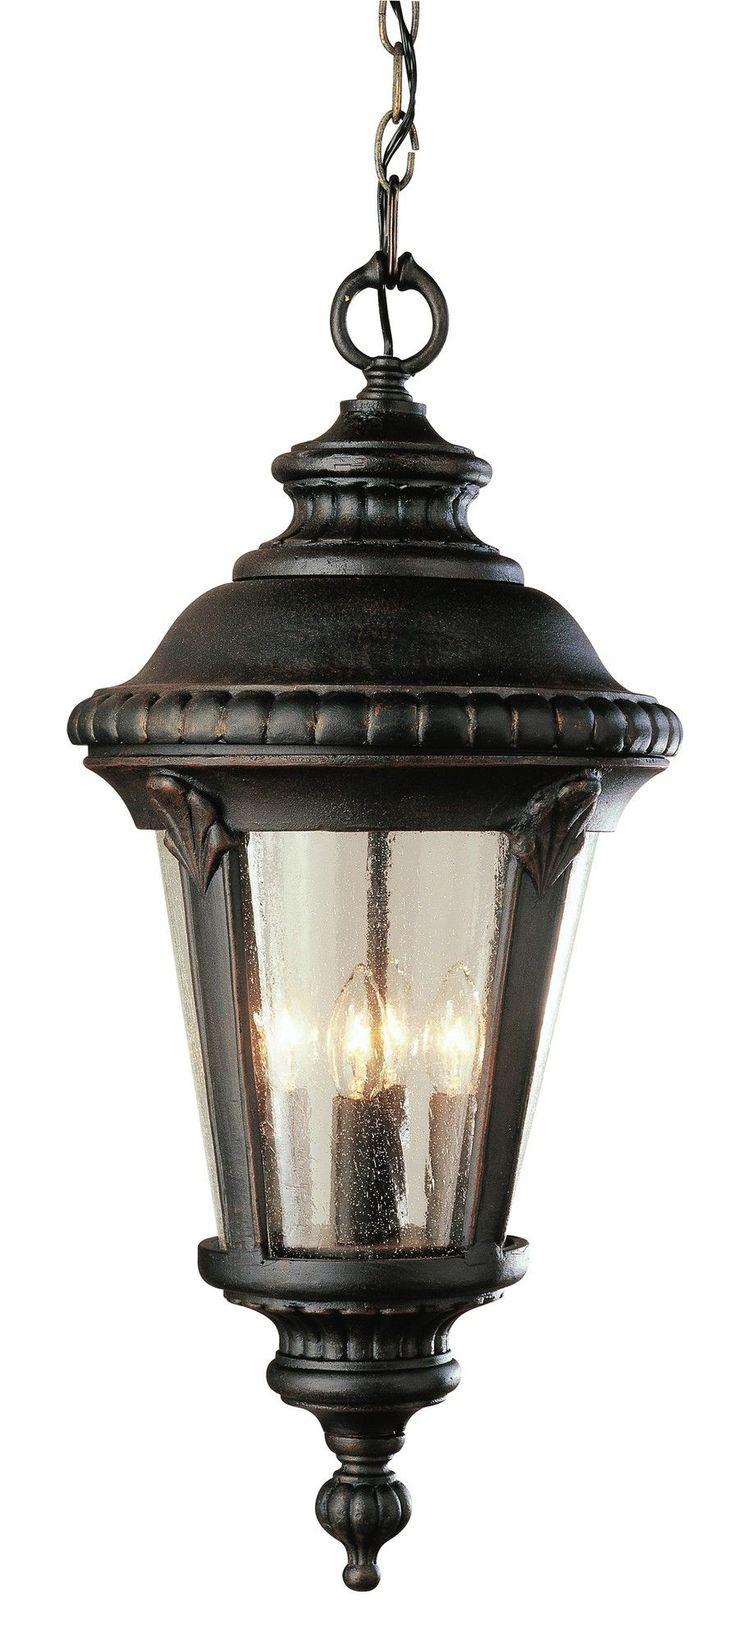 Outdoor hanging lamp - 3 Light Outdoor Hanging Lantern